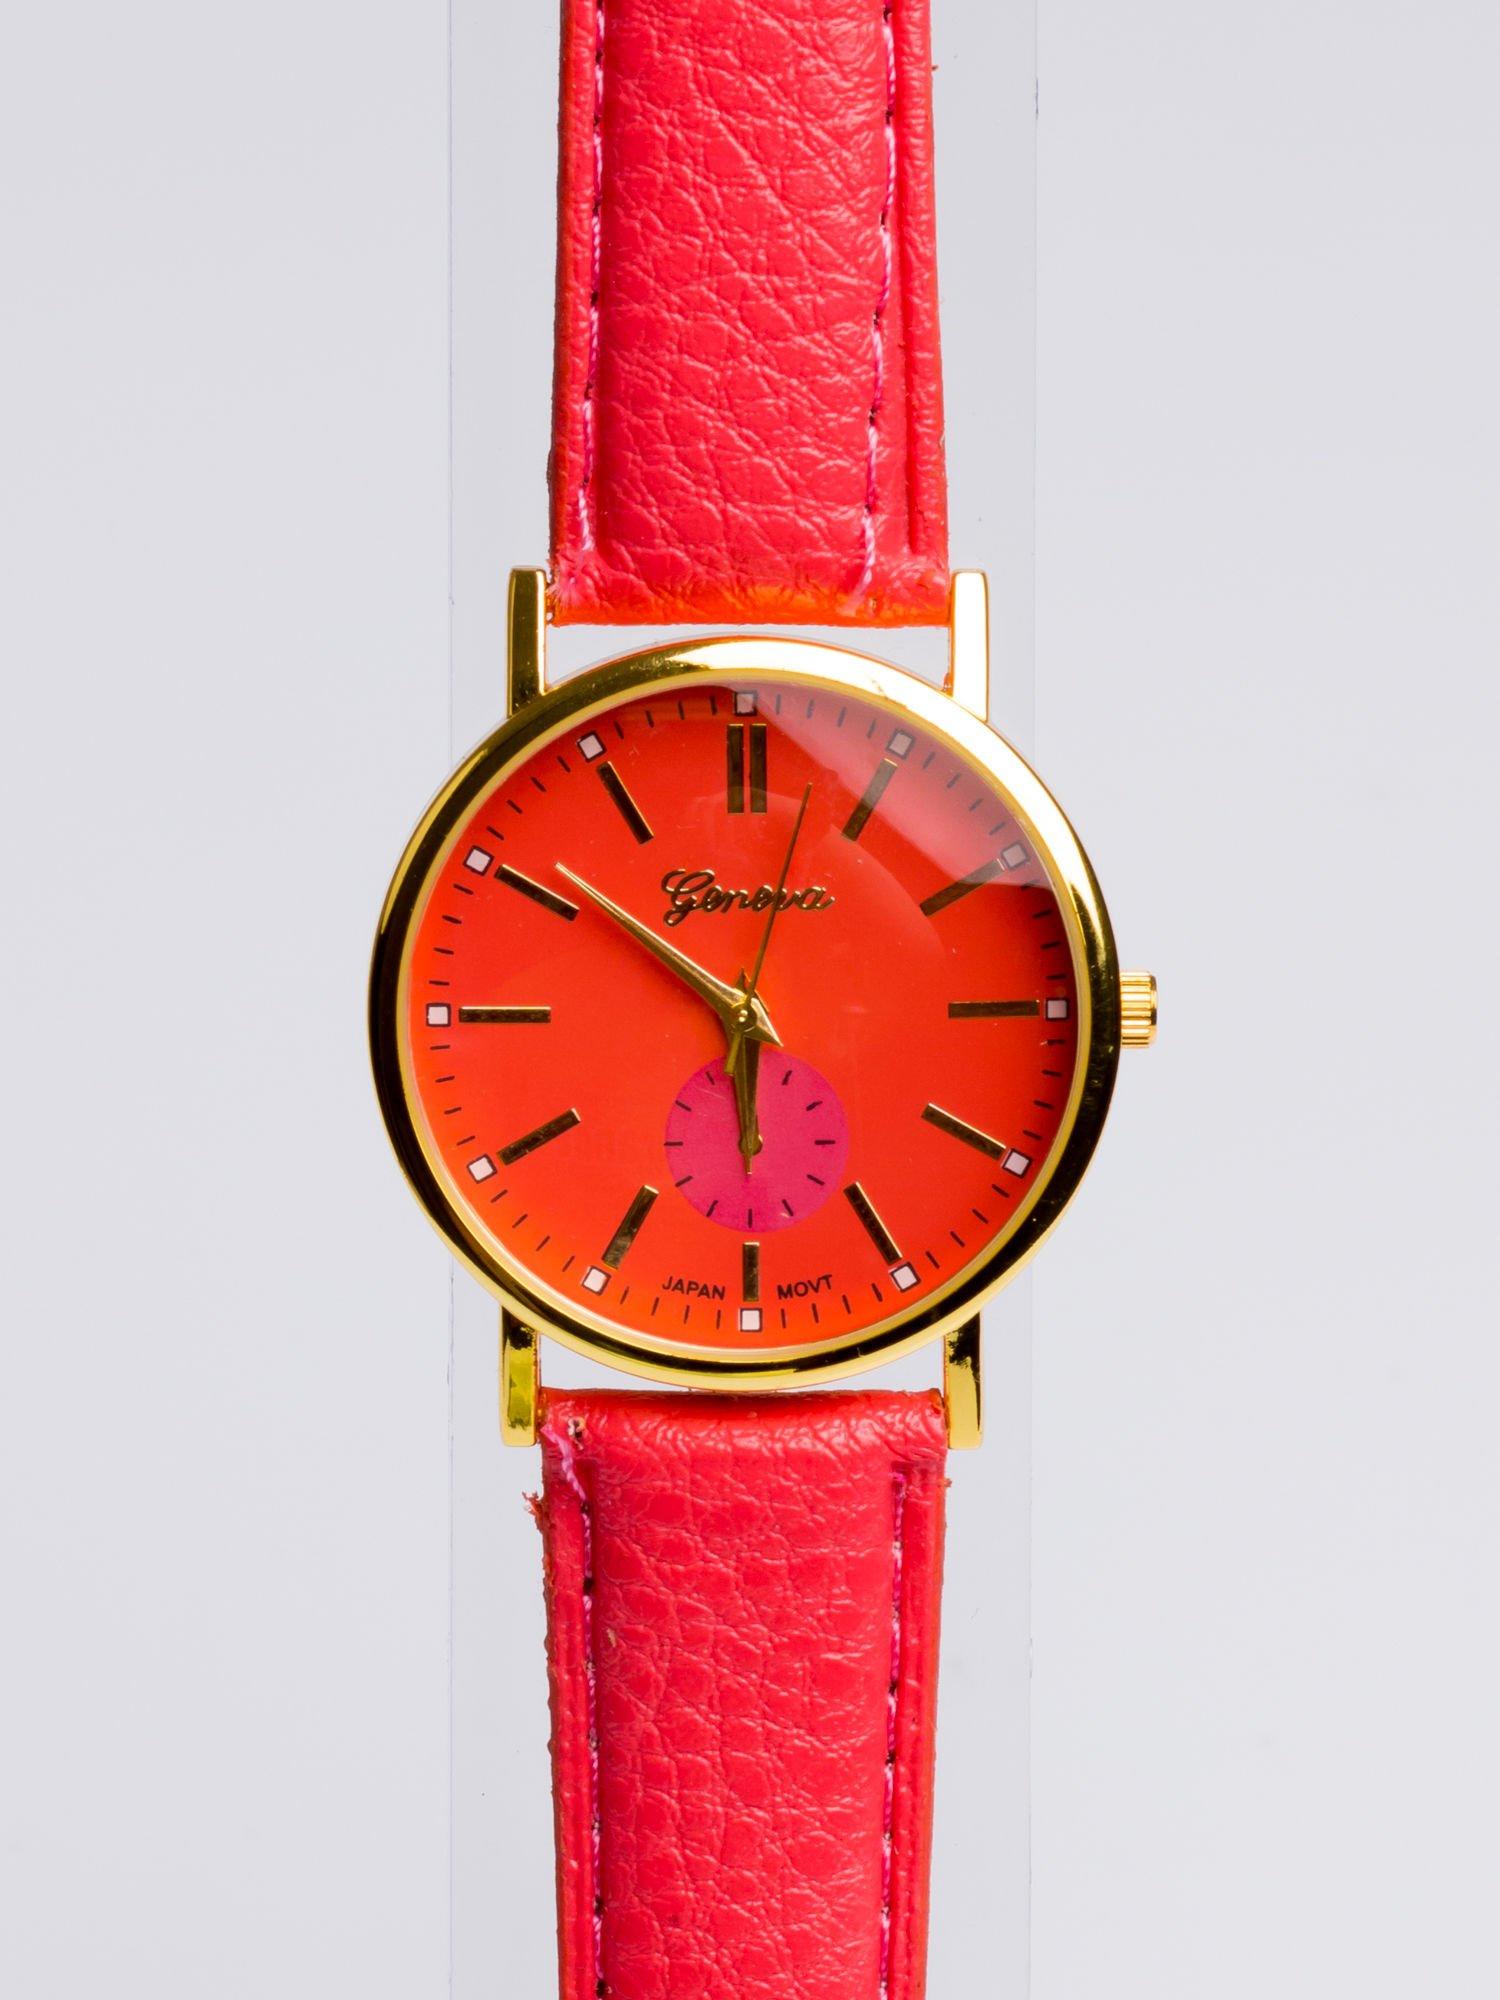 GENEVA Ciemnoróóżowy zegarek damski na skórzanym pasku                                  zdj.                                  2